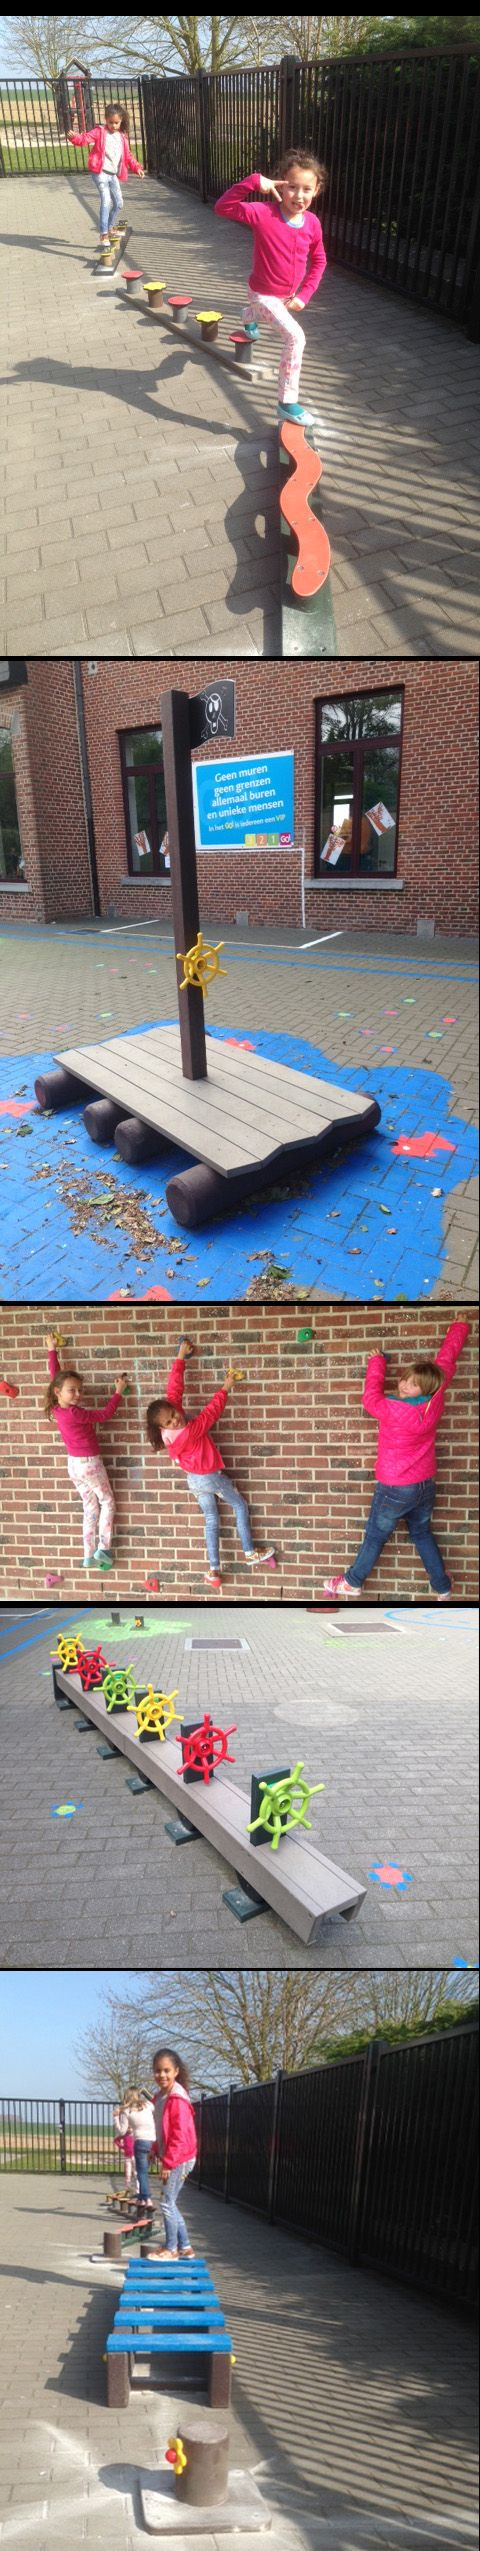 School De Groeiboog te Gingelom koos voor onderhoudsvrije Govaplast Play speeltuigen & klimgrepen tegen een muur. Ze streven naar een onderhoudsvrij schoolplein.